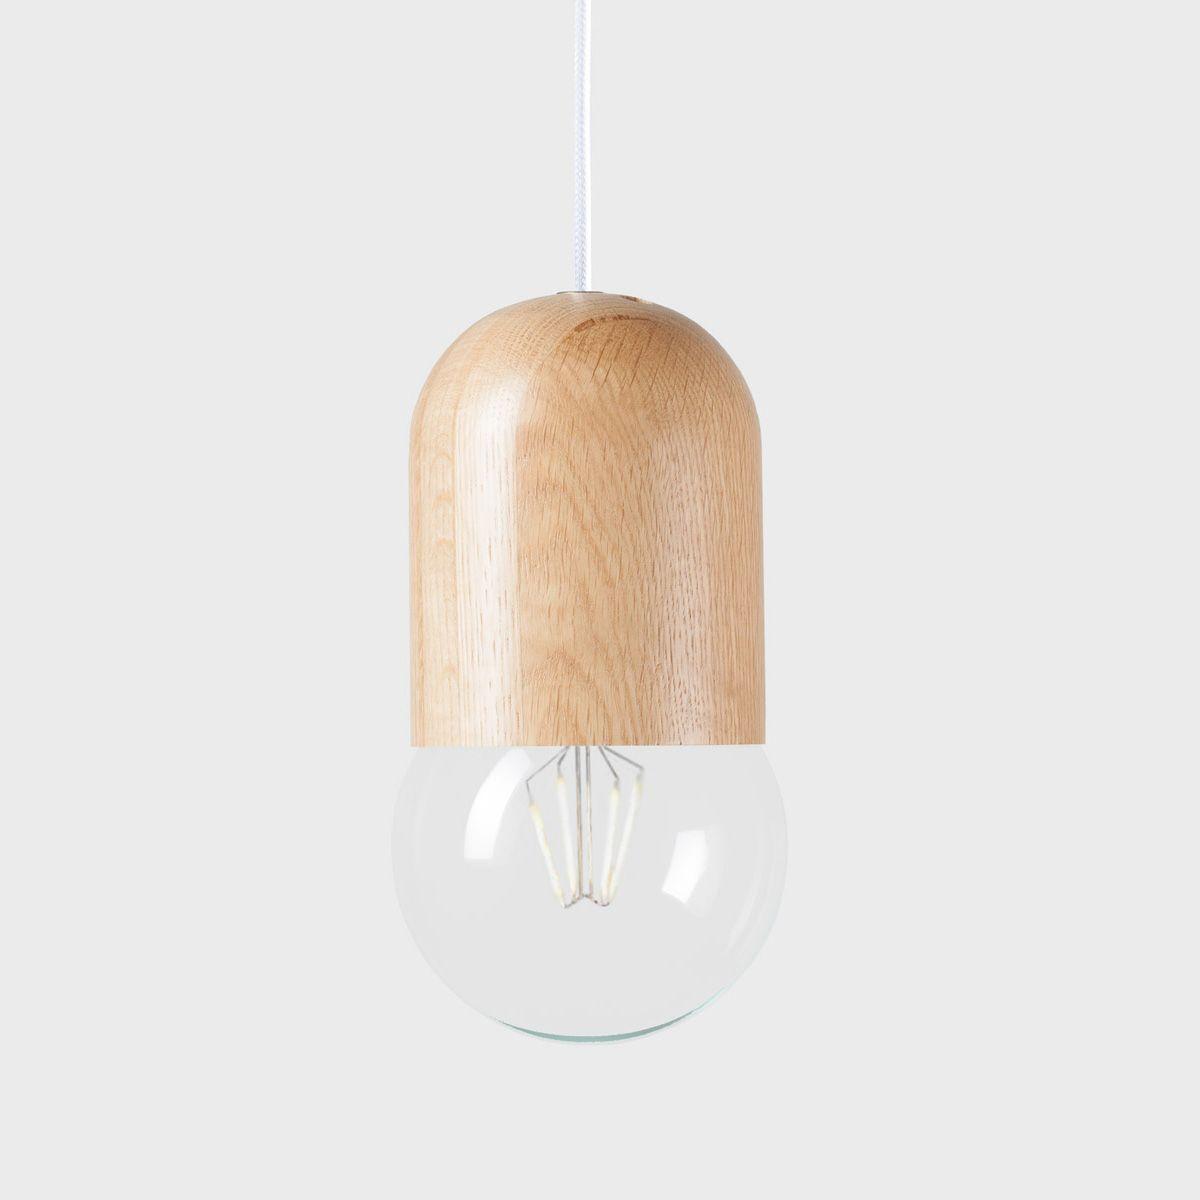 Подвесной светильник Light Bean Bubble с белым проводомПодвесные светильники<br><br>